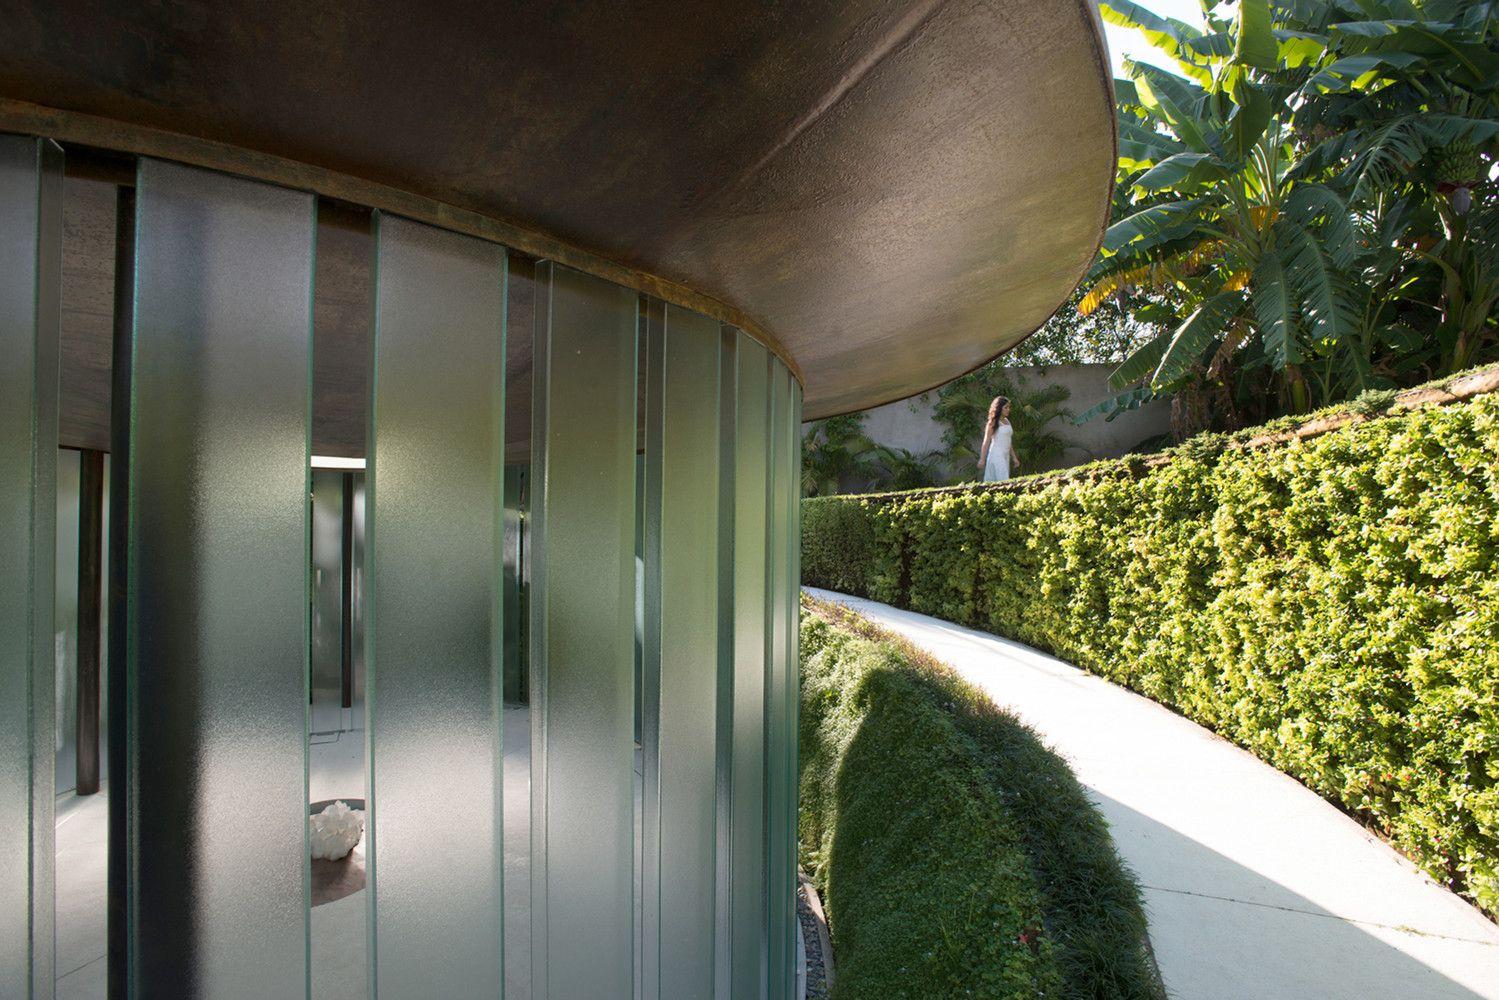 Galería - Capilla Ecuménica / BNKR Arquitectura - 9